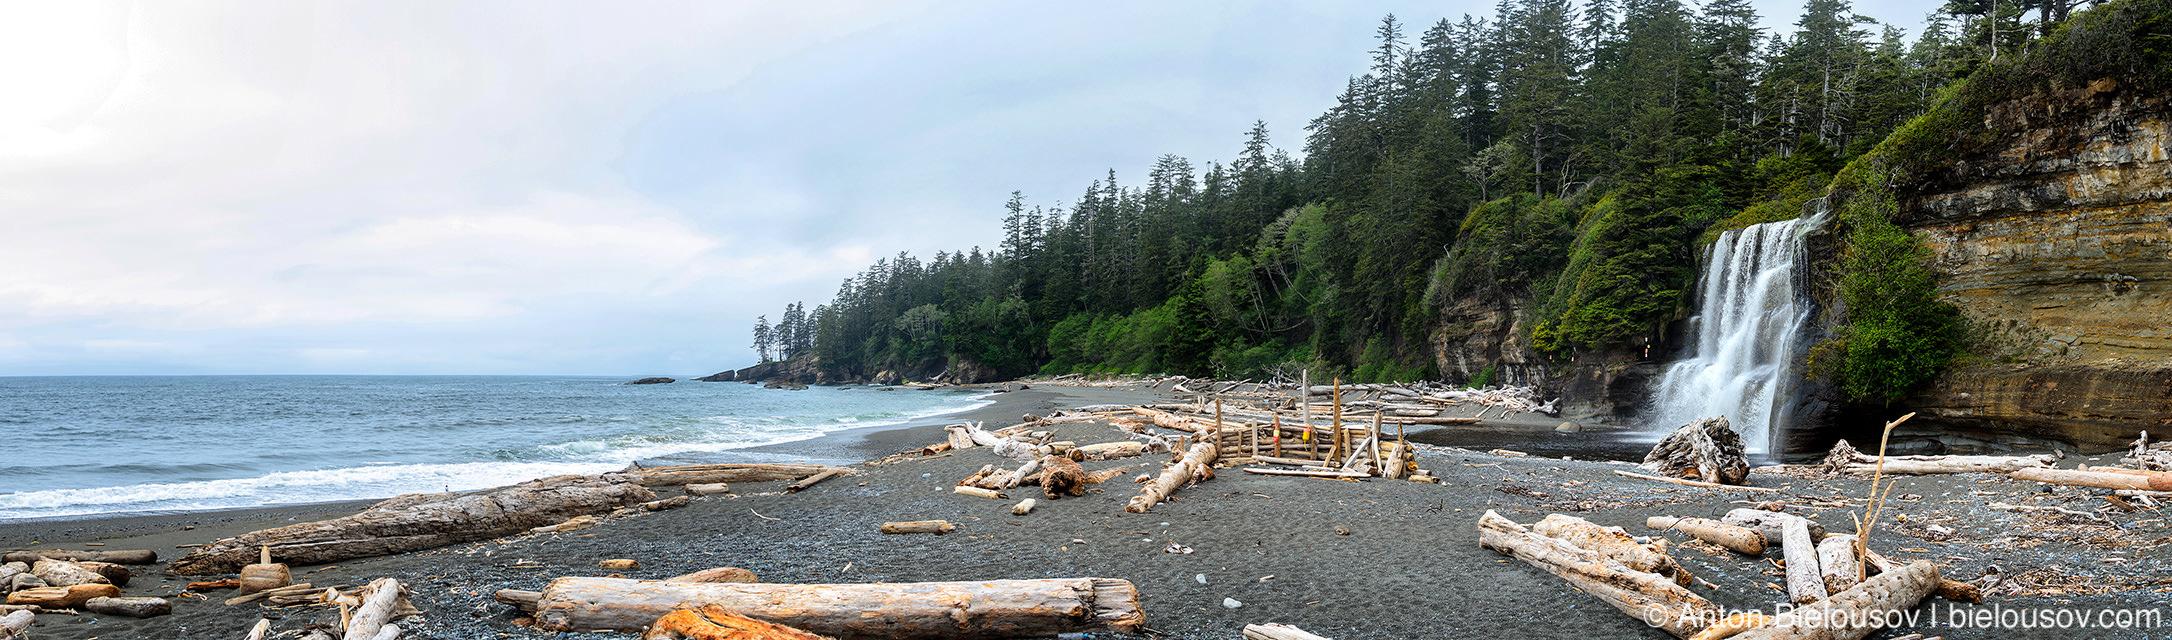 West Coast Trail: Tsusiat Falls Panorama (25km)